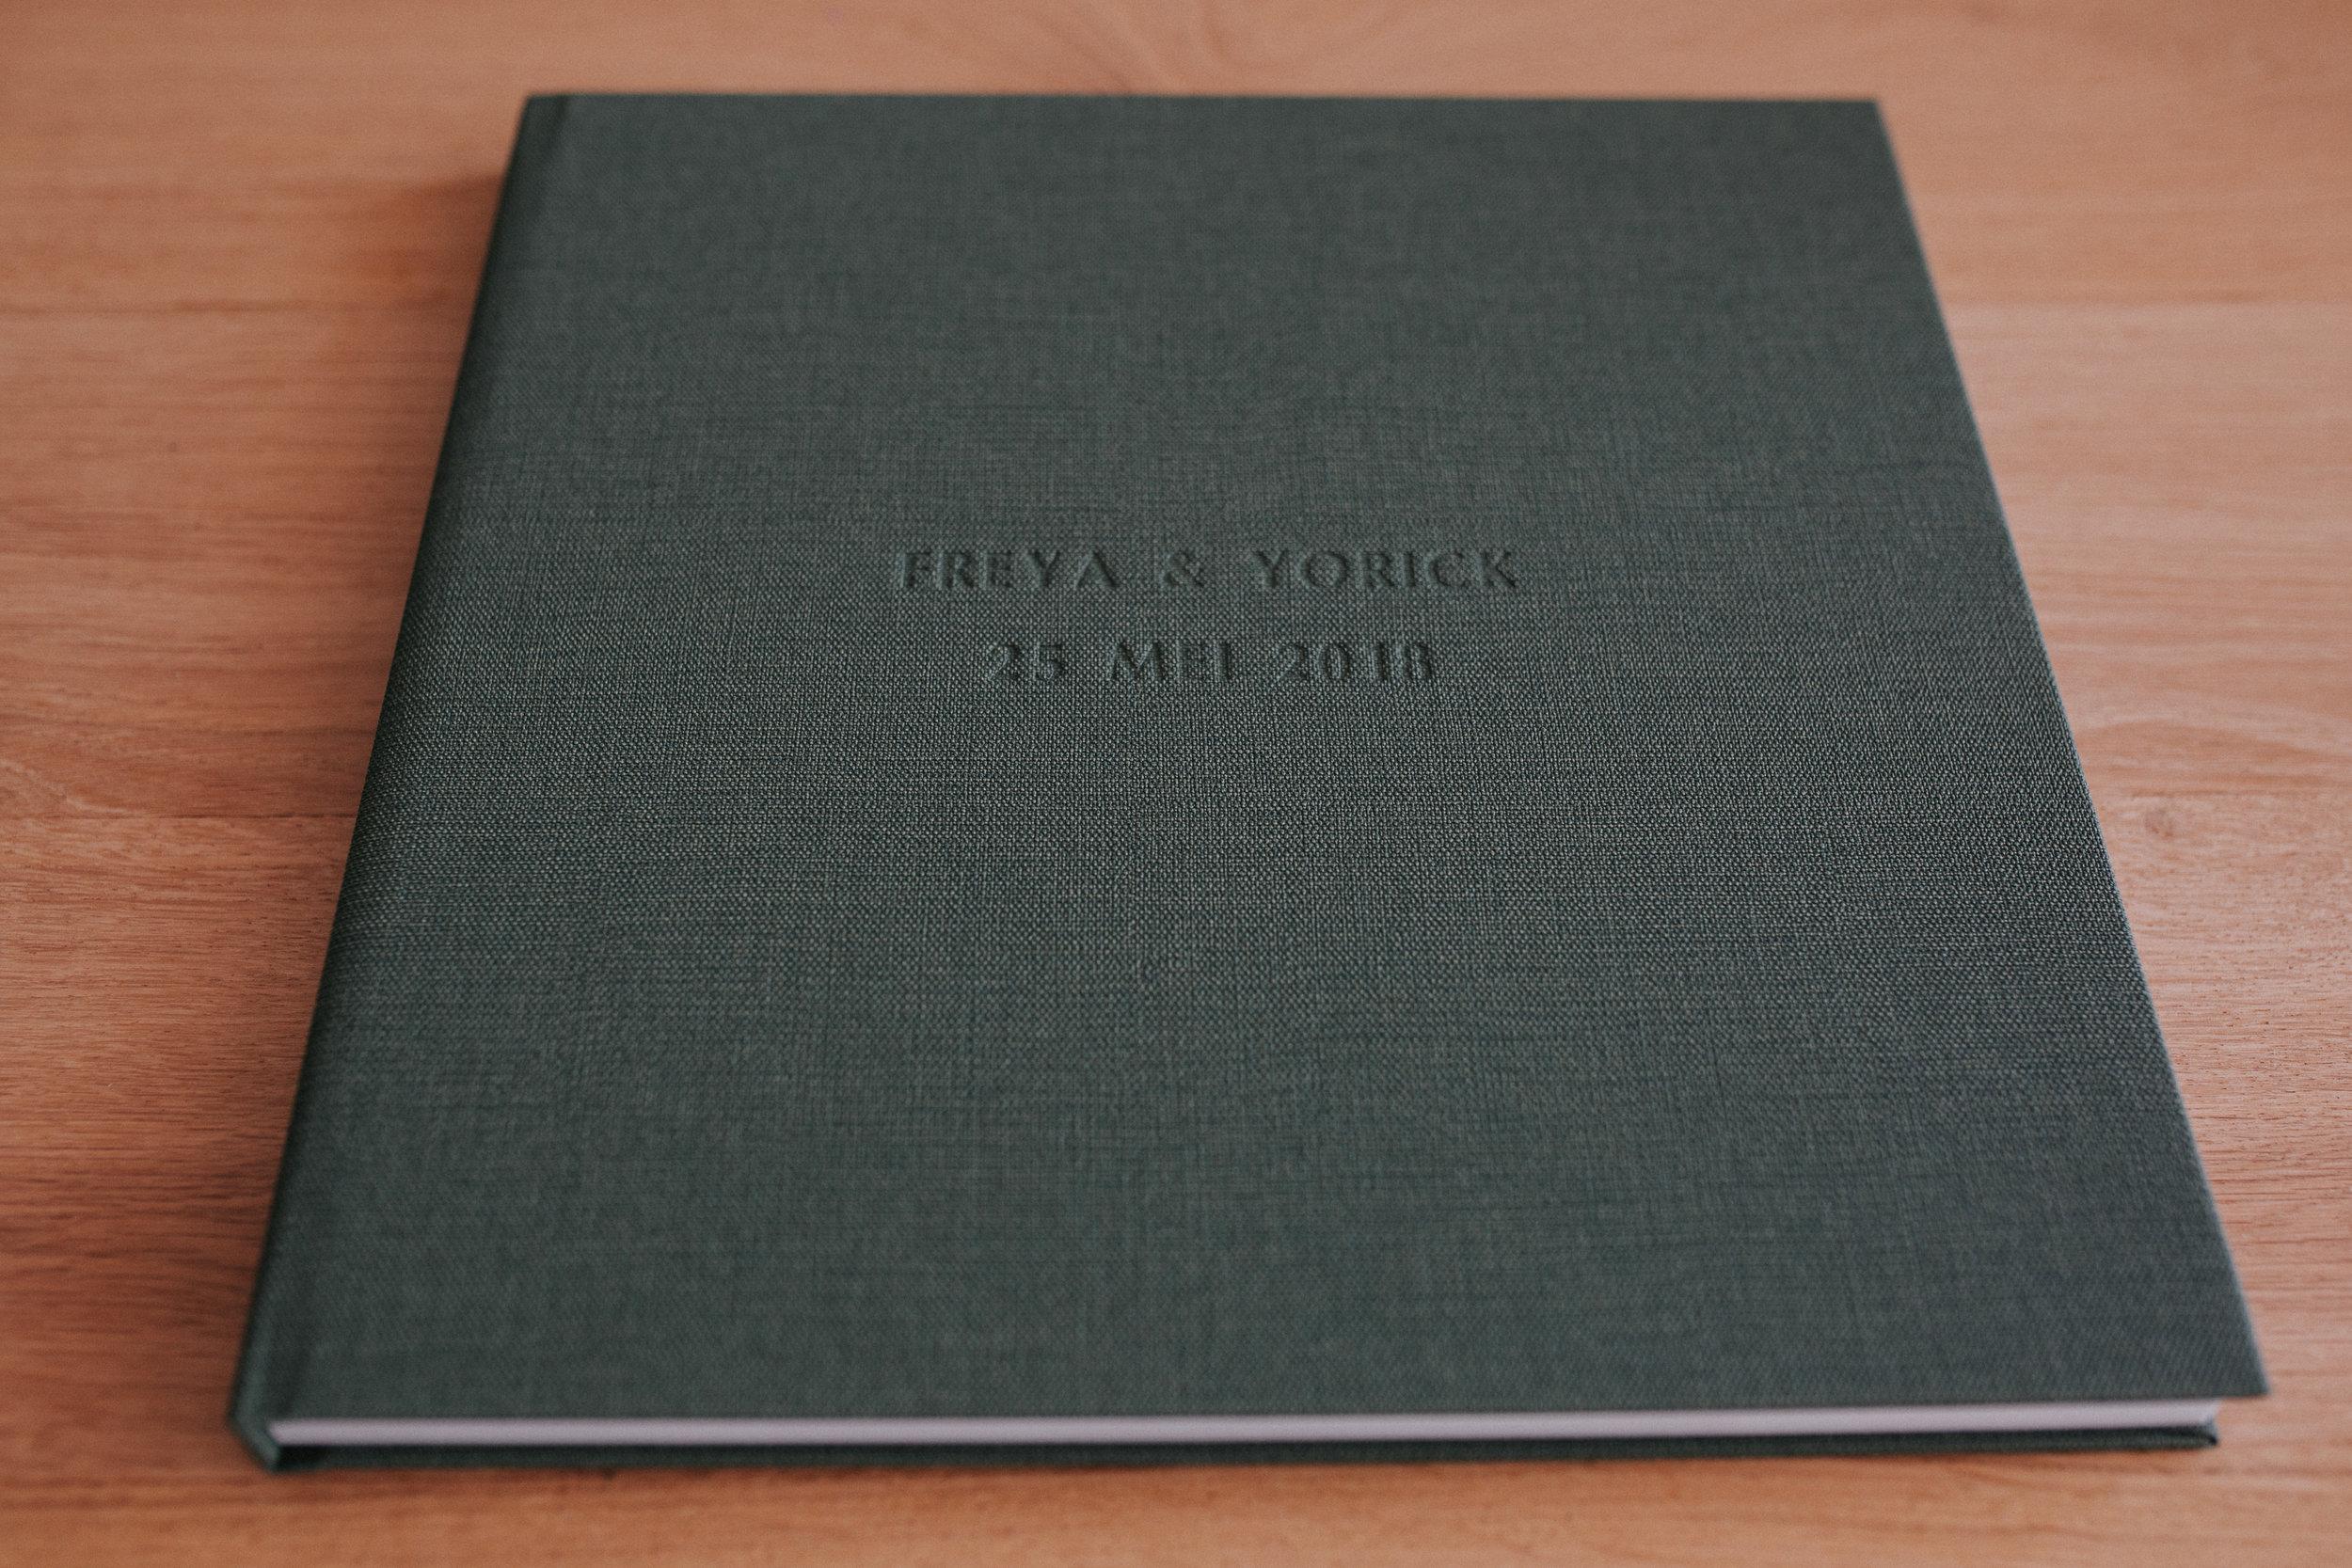 Album_VB-6.jpg